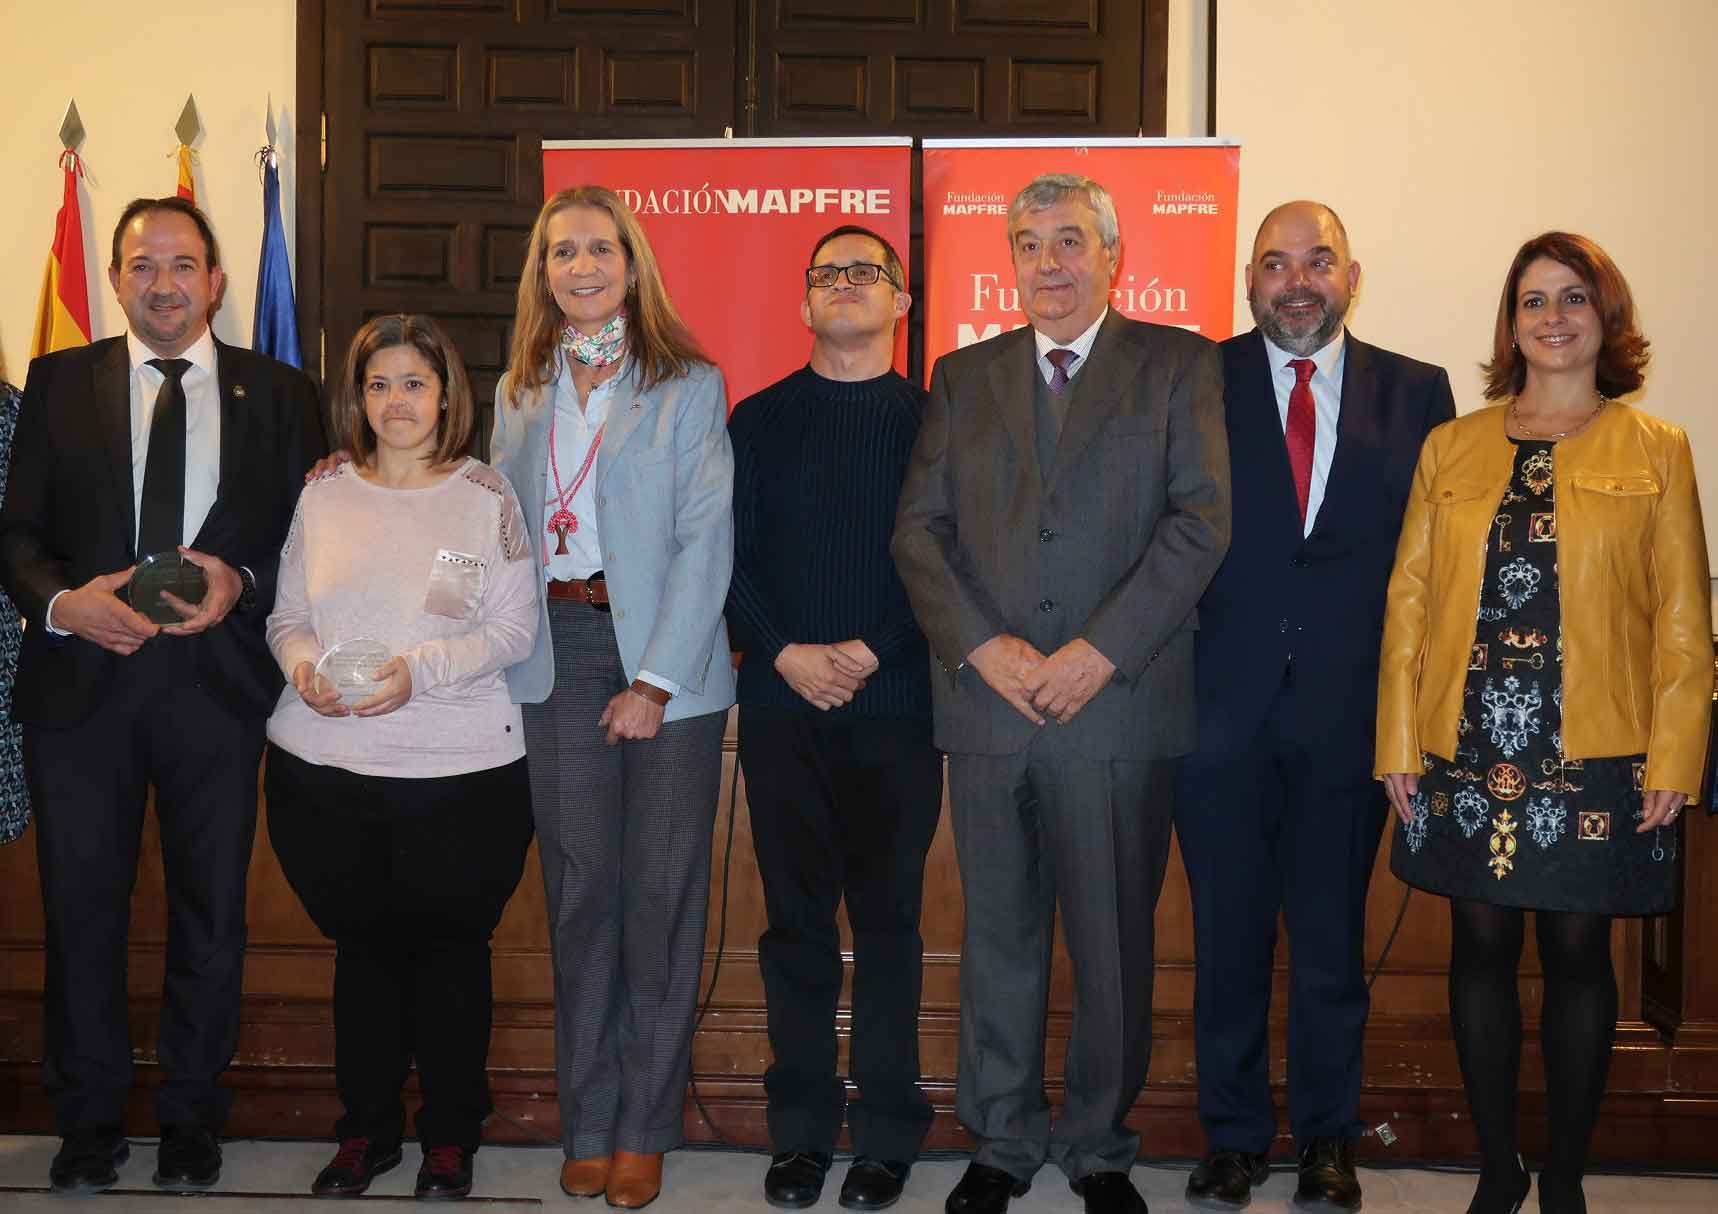 ATADI recibe una mención especial en los premios Fundación Mapfre